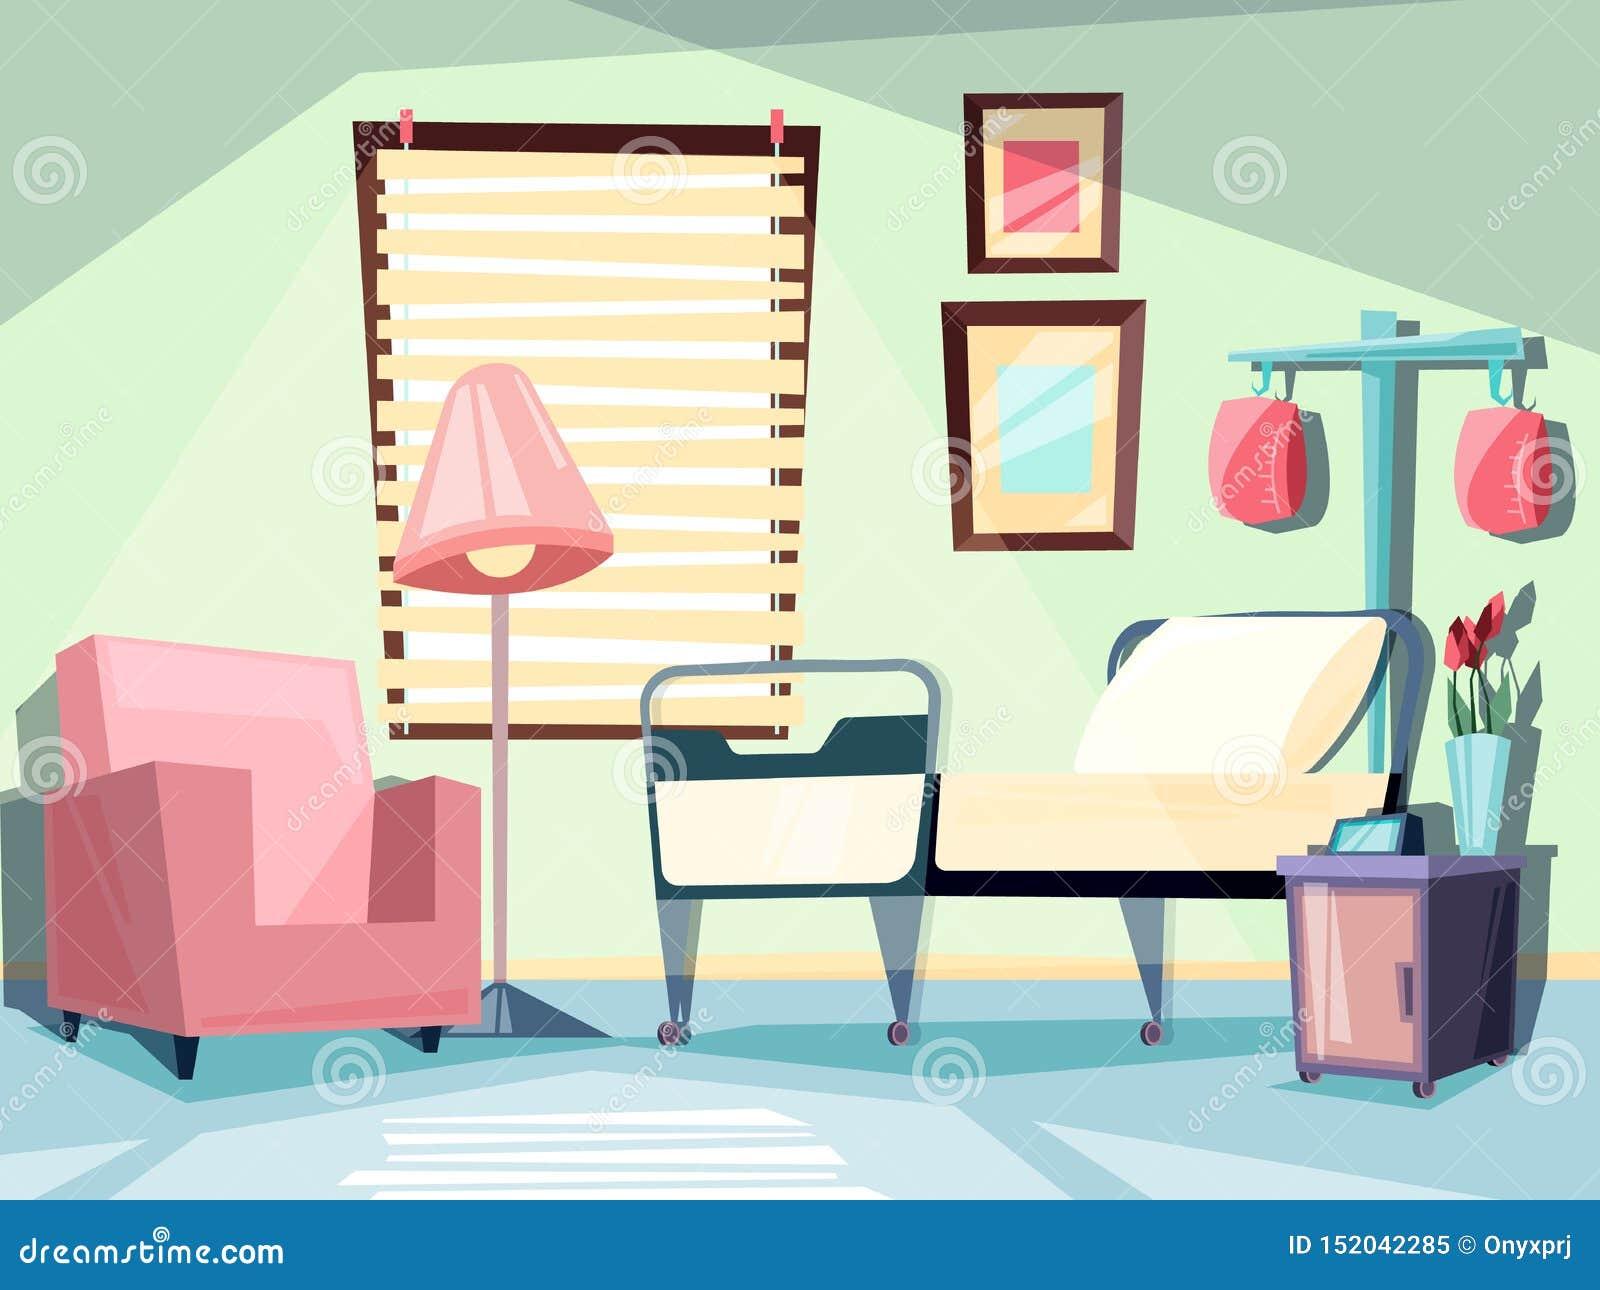 Chaises Salle D Attente Cabinet Medical chambre d'h?pital intérieur vide médical avec les